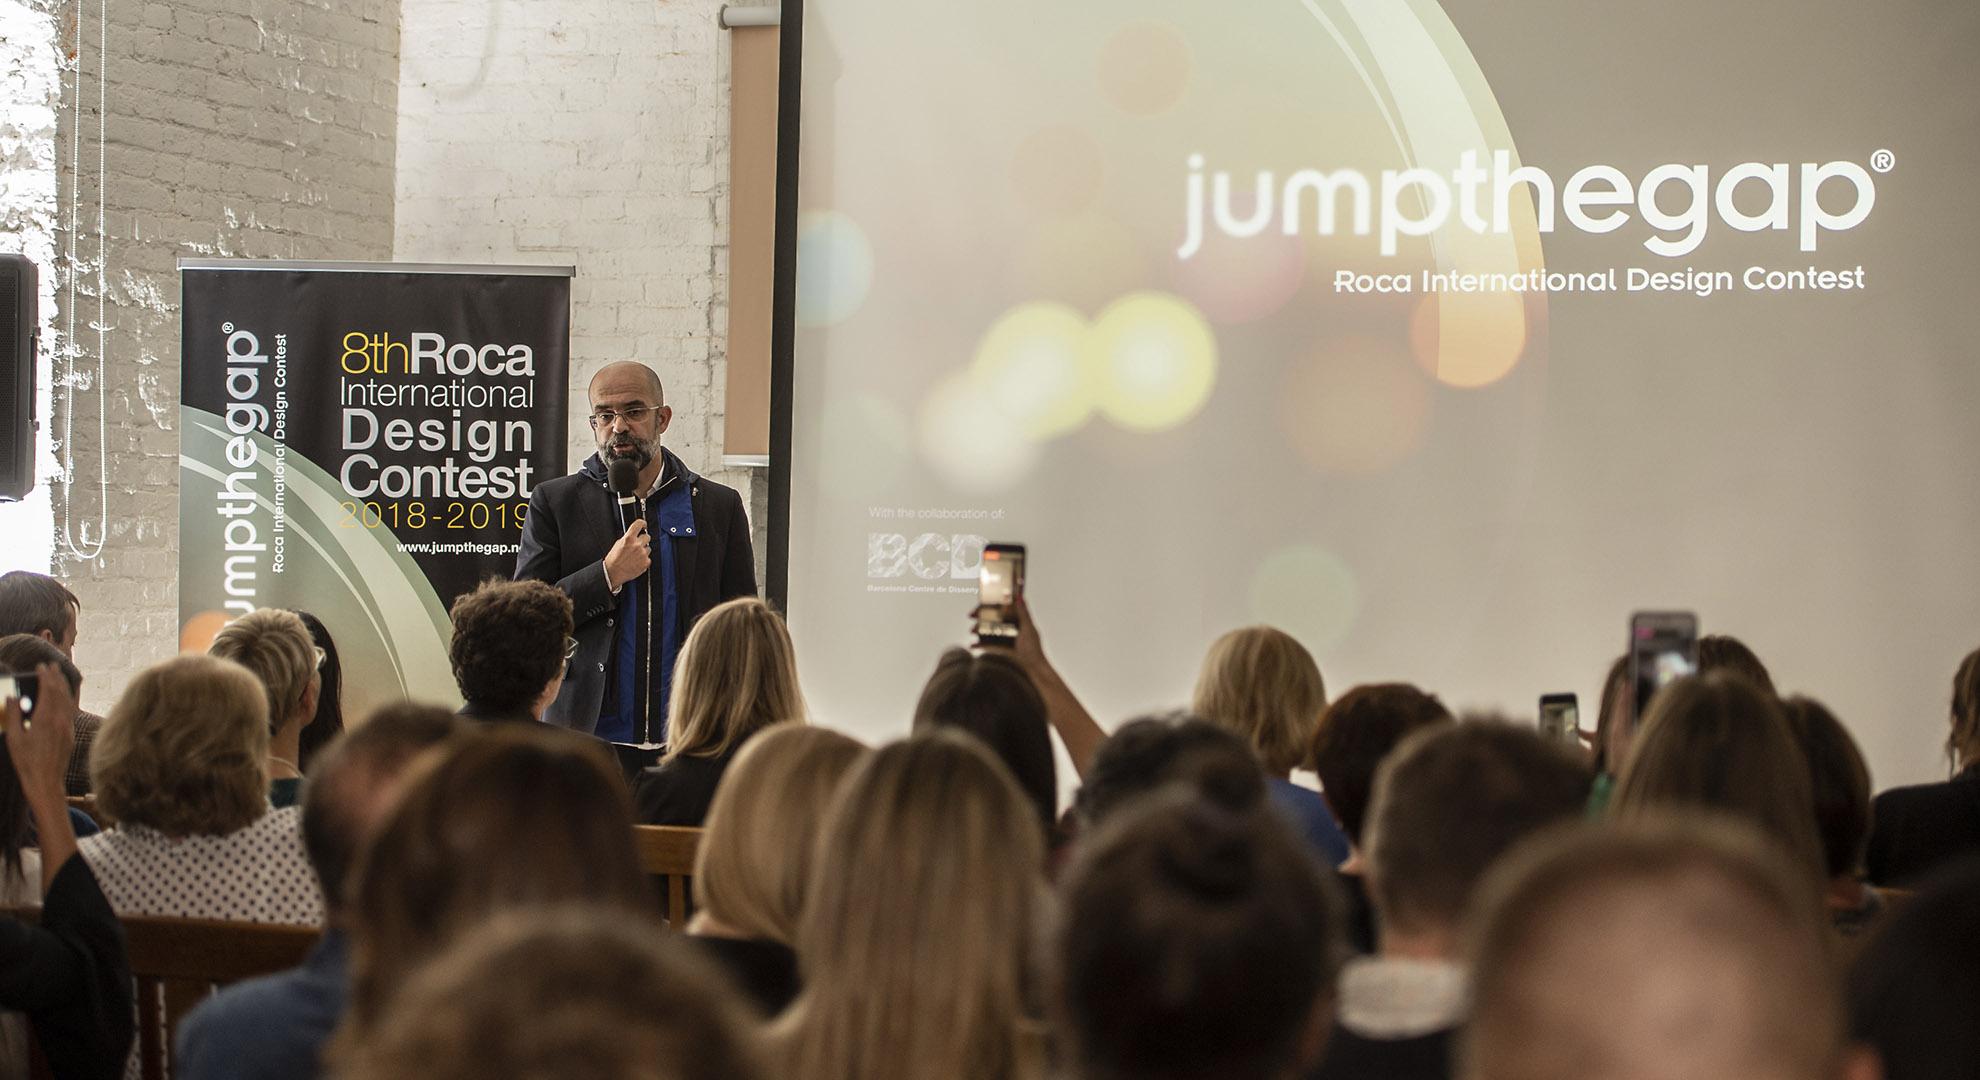 La octava edición jumpthegap® empieza con su presentación en Moscú